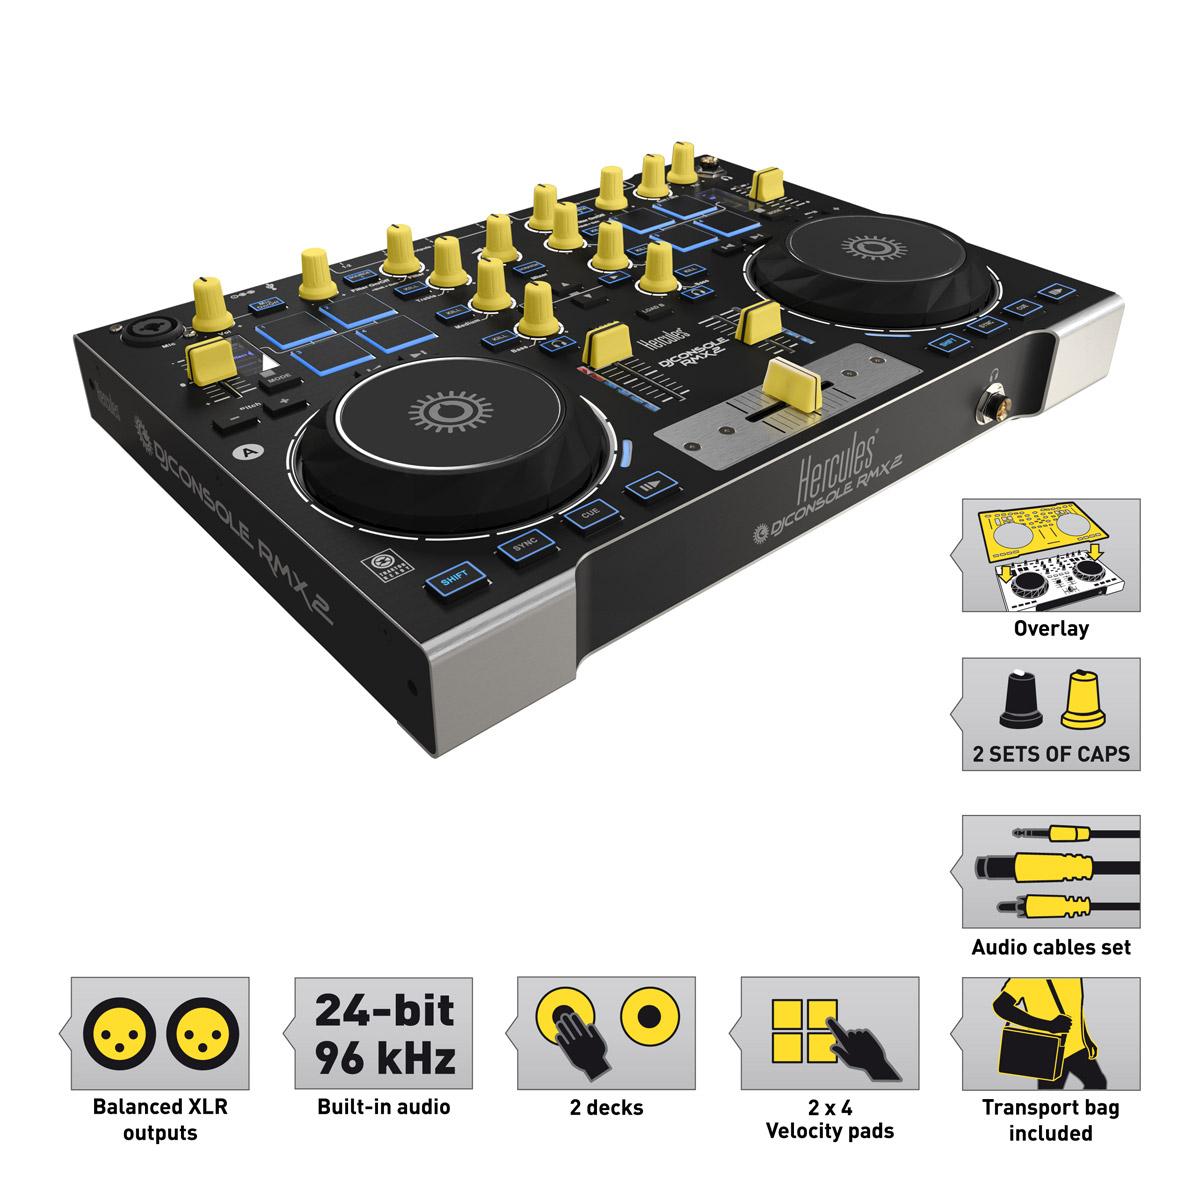 Contrôleur DJ Hercules édition limitée